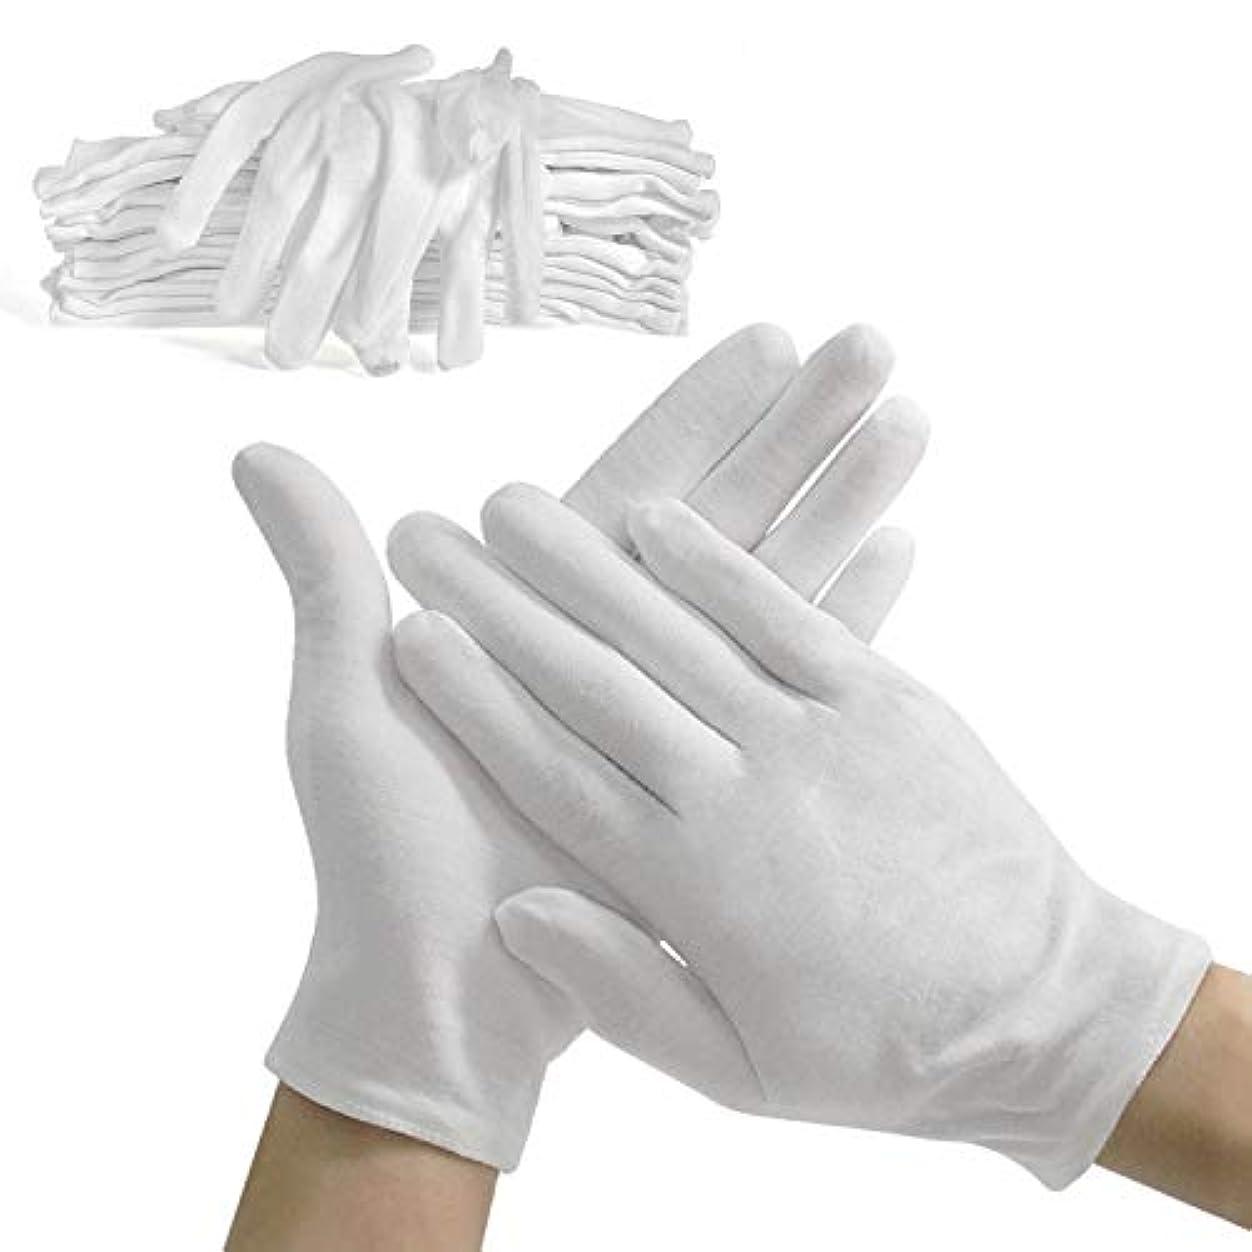 生きているこれまでによって使い捨て 手袋 コットン手袋 綿手袋 手荒れ 純綿100% 使い捨て 白手袋 薄手 お休み 湿疹 乾燥肌 保湿 礼装用 メンズ 手袋 レディース (XL,梱包数量50組(100)) (XL,梱包数量50組(100))